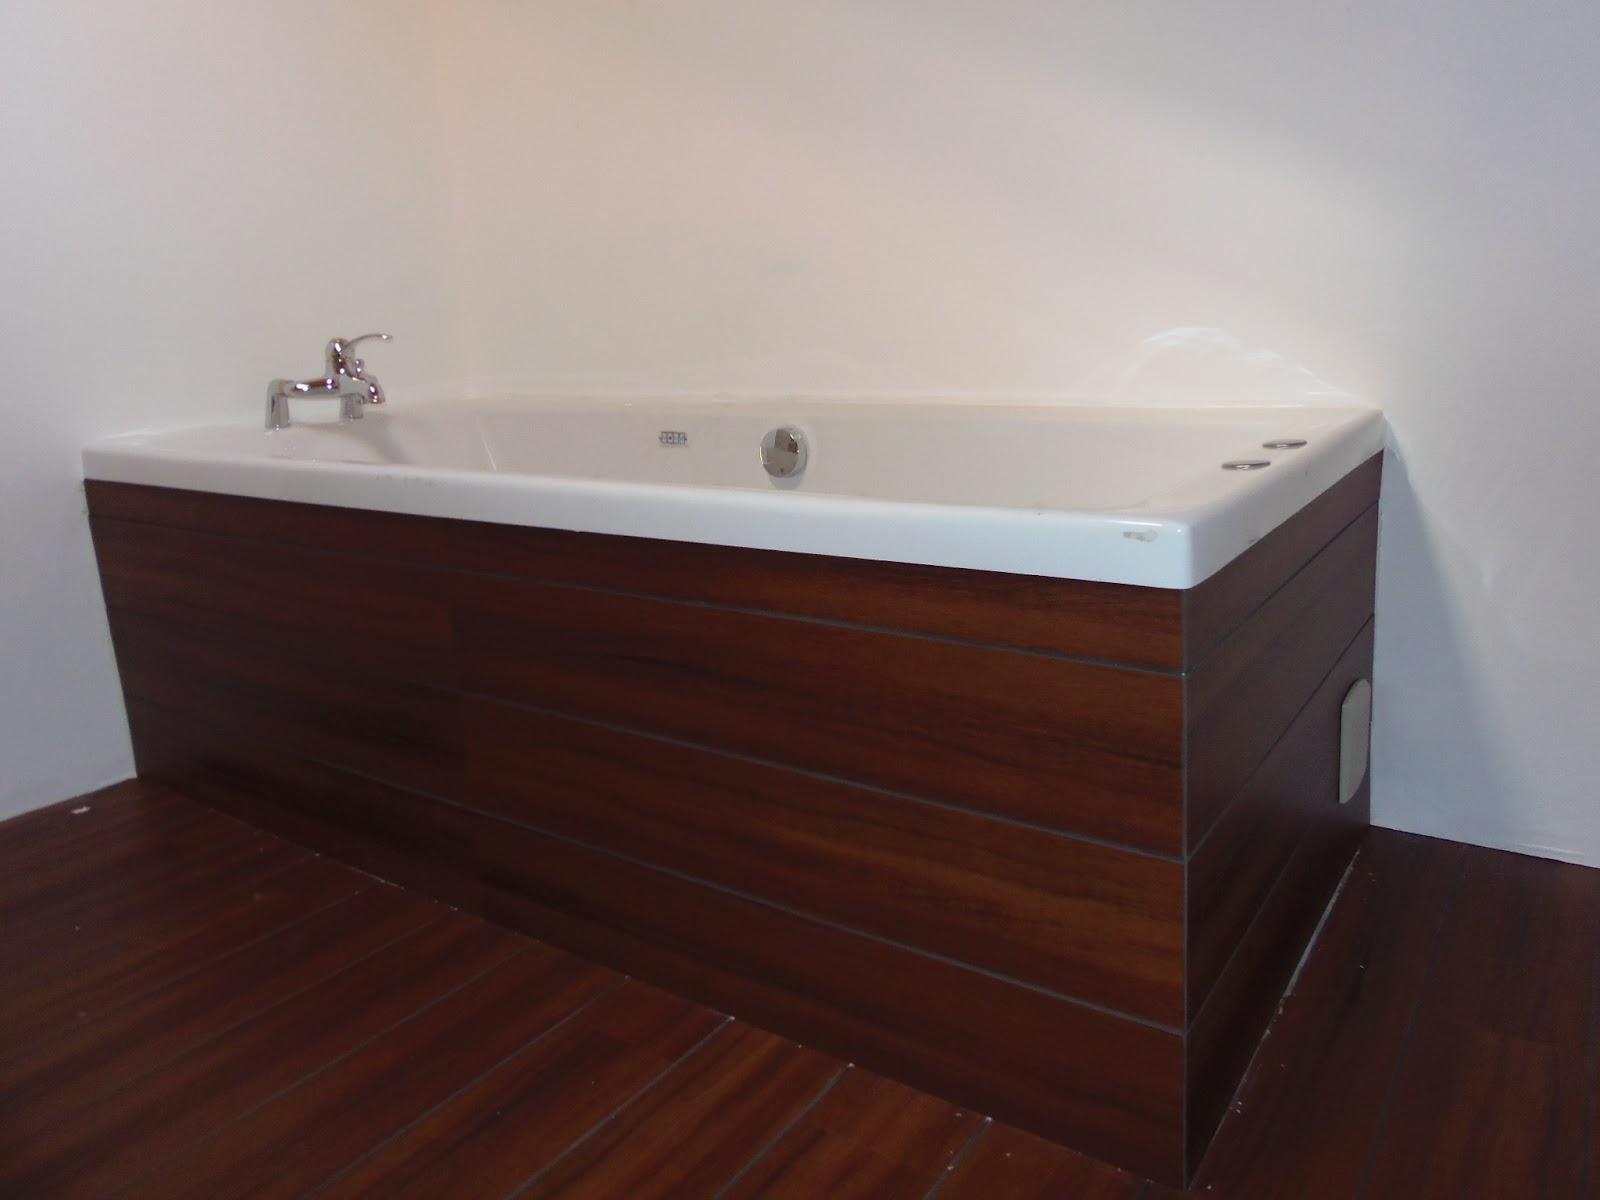 notre chalet qu b cois le tour de baignoire finit. Black Bedroom Furniture Sets. Home Design Ideas